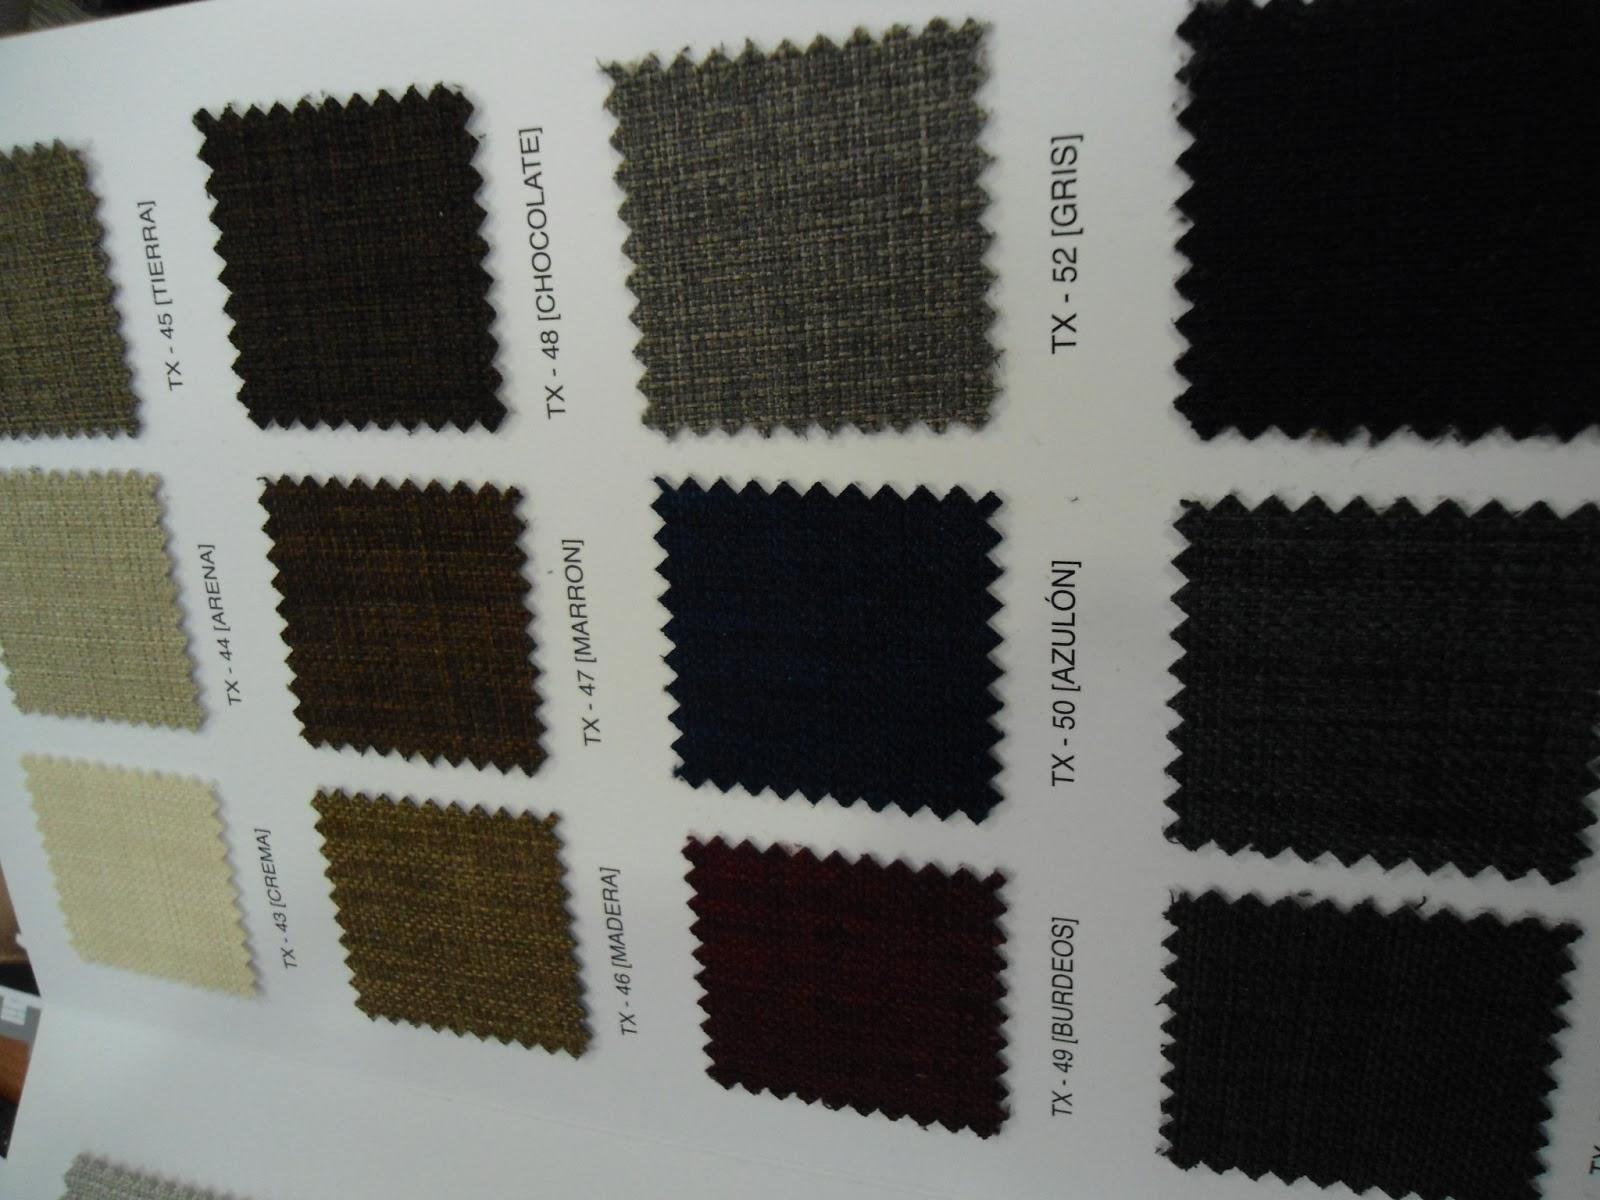 Piccolo 39 s decoraci n telas para tapizar las butacas de - Telas de terciopelo para tapizar ...